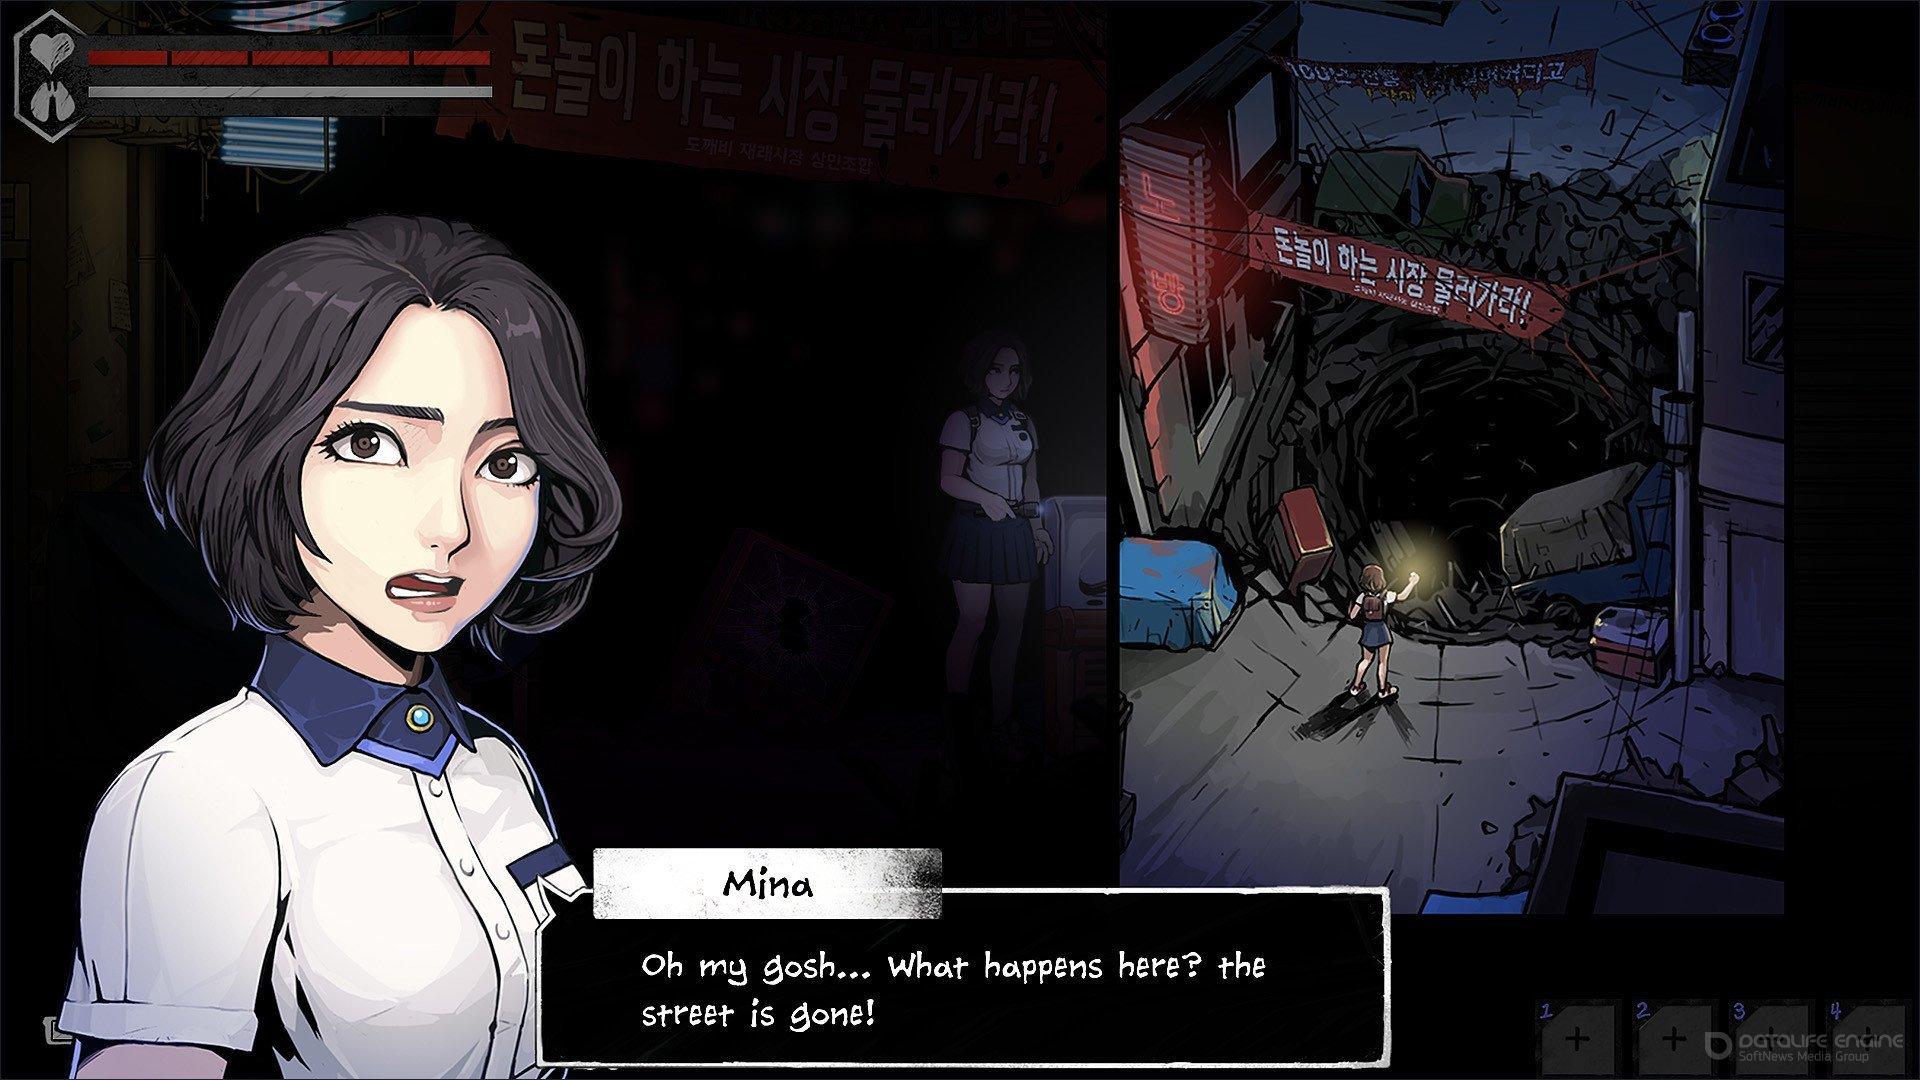 Скриншот к игре The Coma 2: Vicious Sisters v.1.0.6 [GOG] (2020) скачать торрент Лицензия